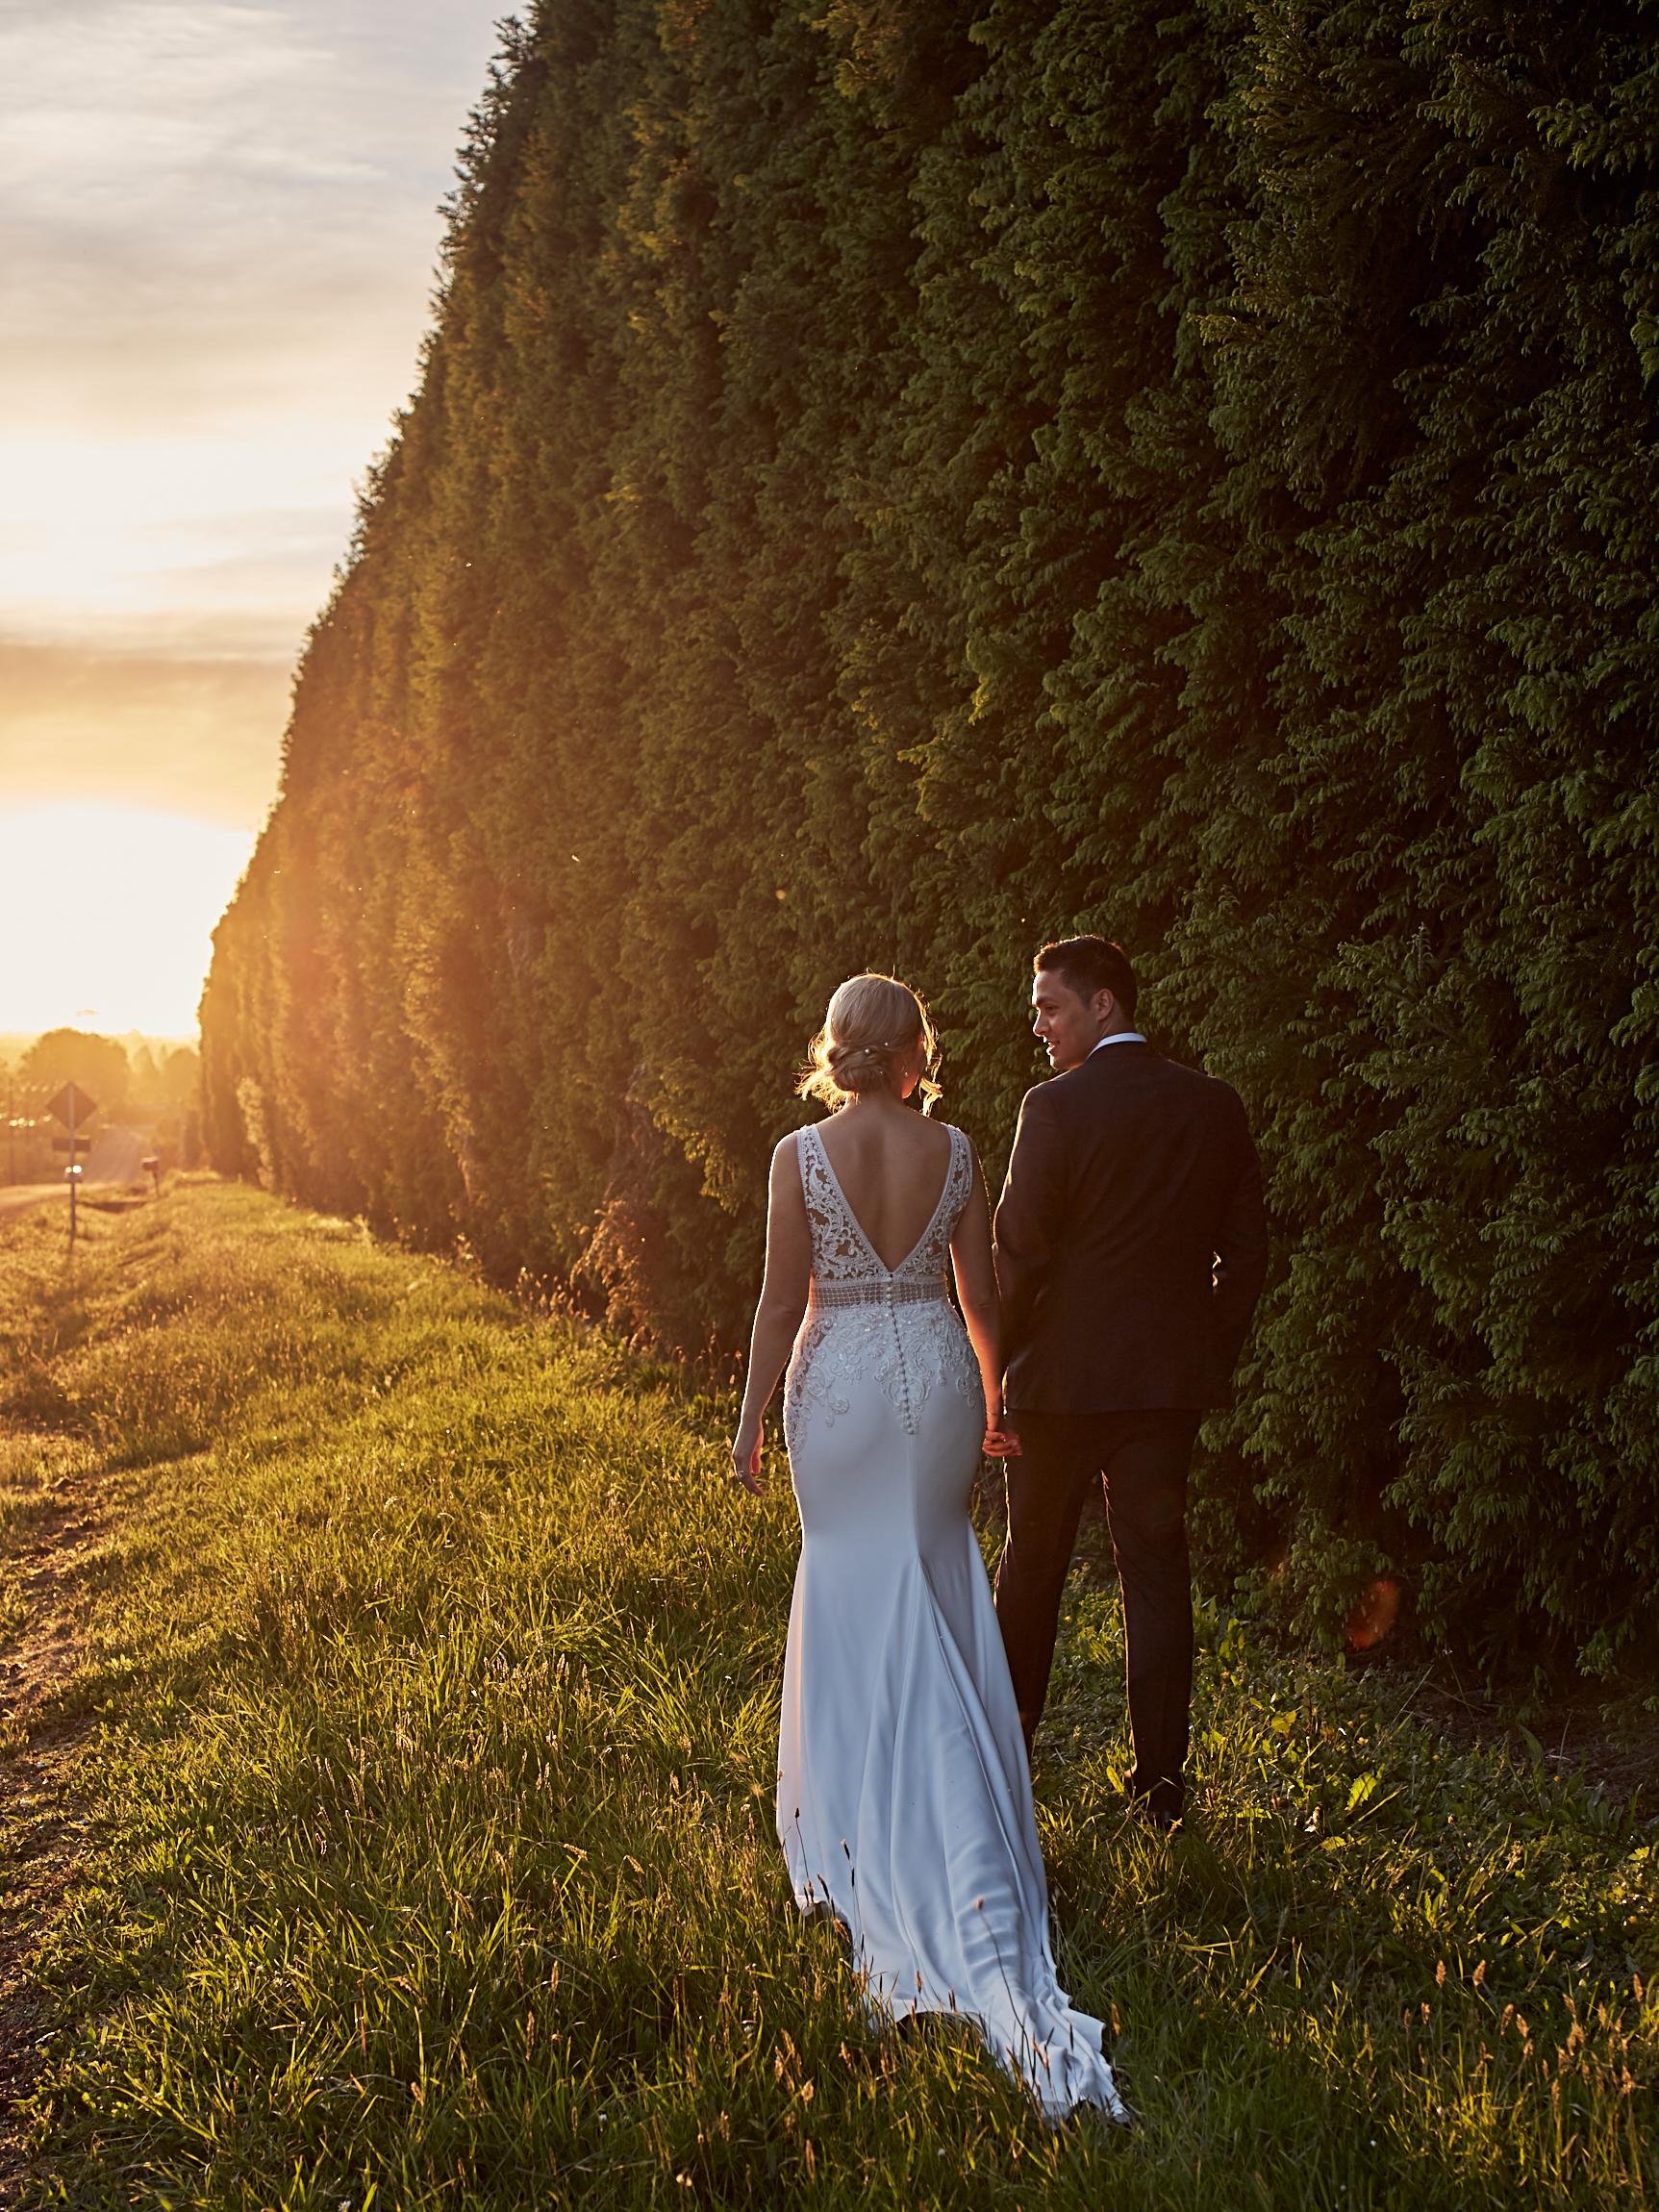 Markovina wedding photo